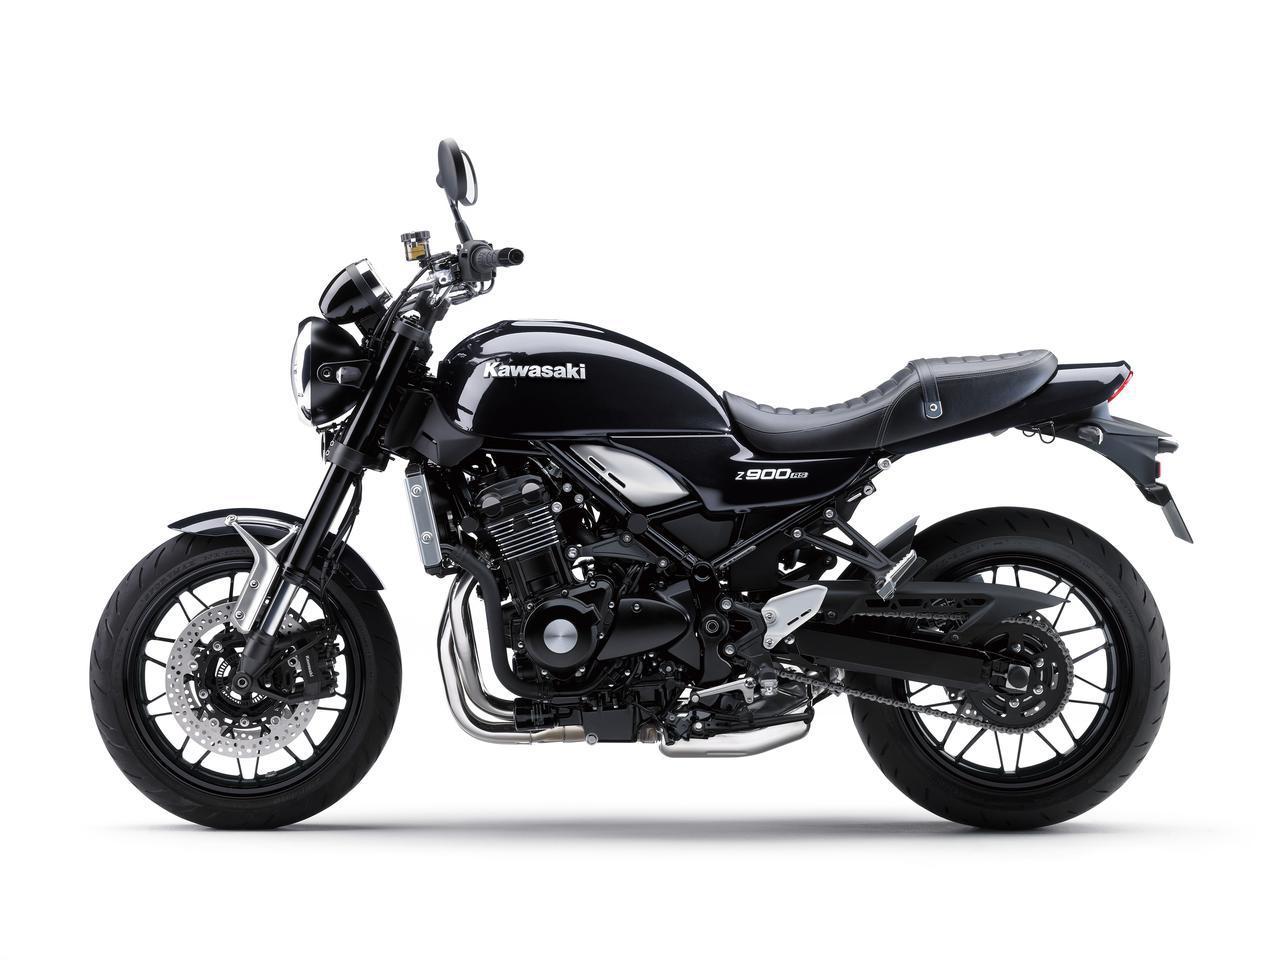 画像5: カワサキが「Z900RS CAFE」の新色を発売! Z900RSシリーズの2021年モデルと2020年モデルを比較してみよう【2021速報】